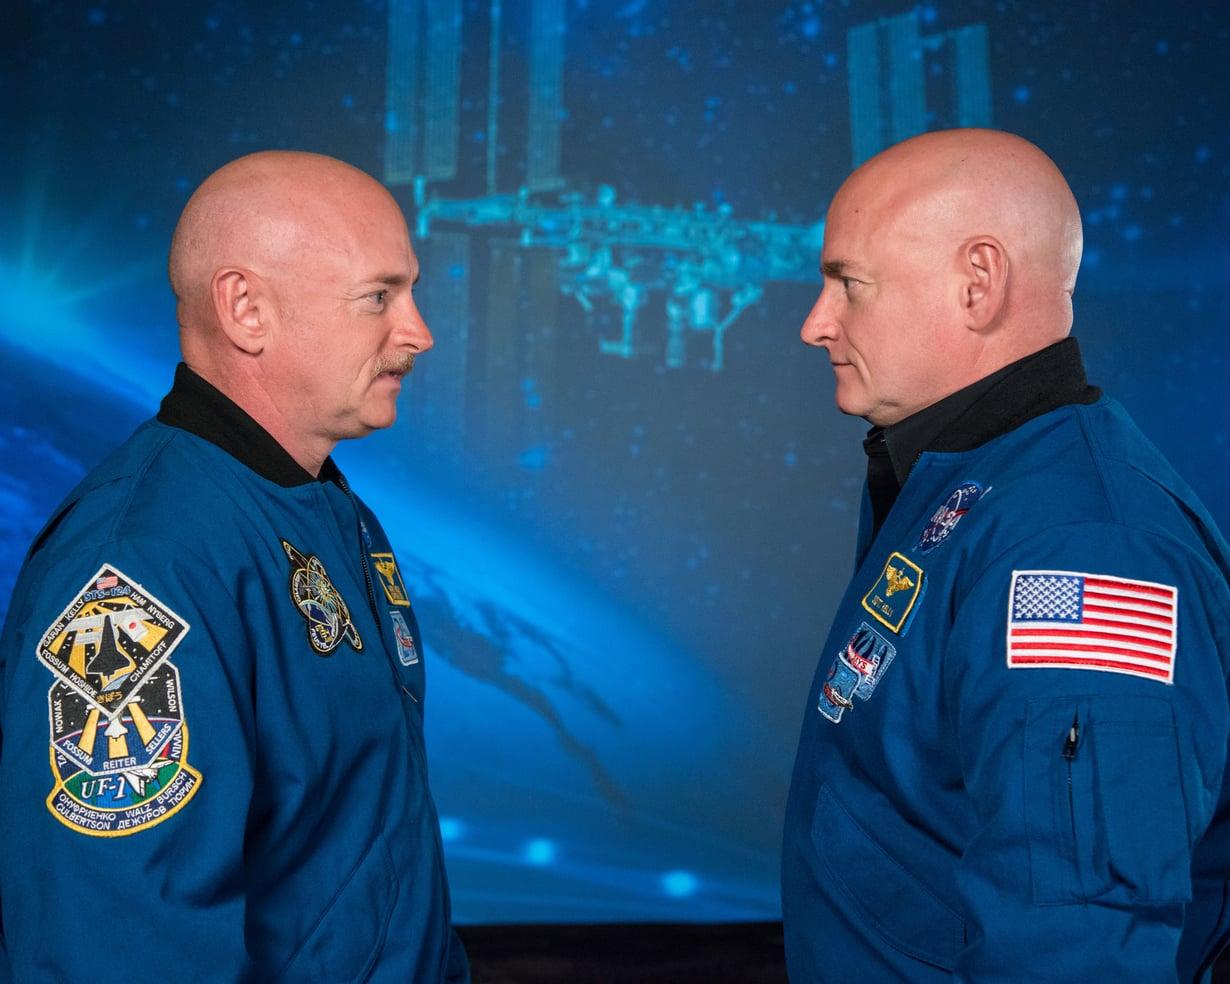 Mark ja Scott Kelly ovat molemmat astronautteja. Kuva: Nasa